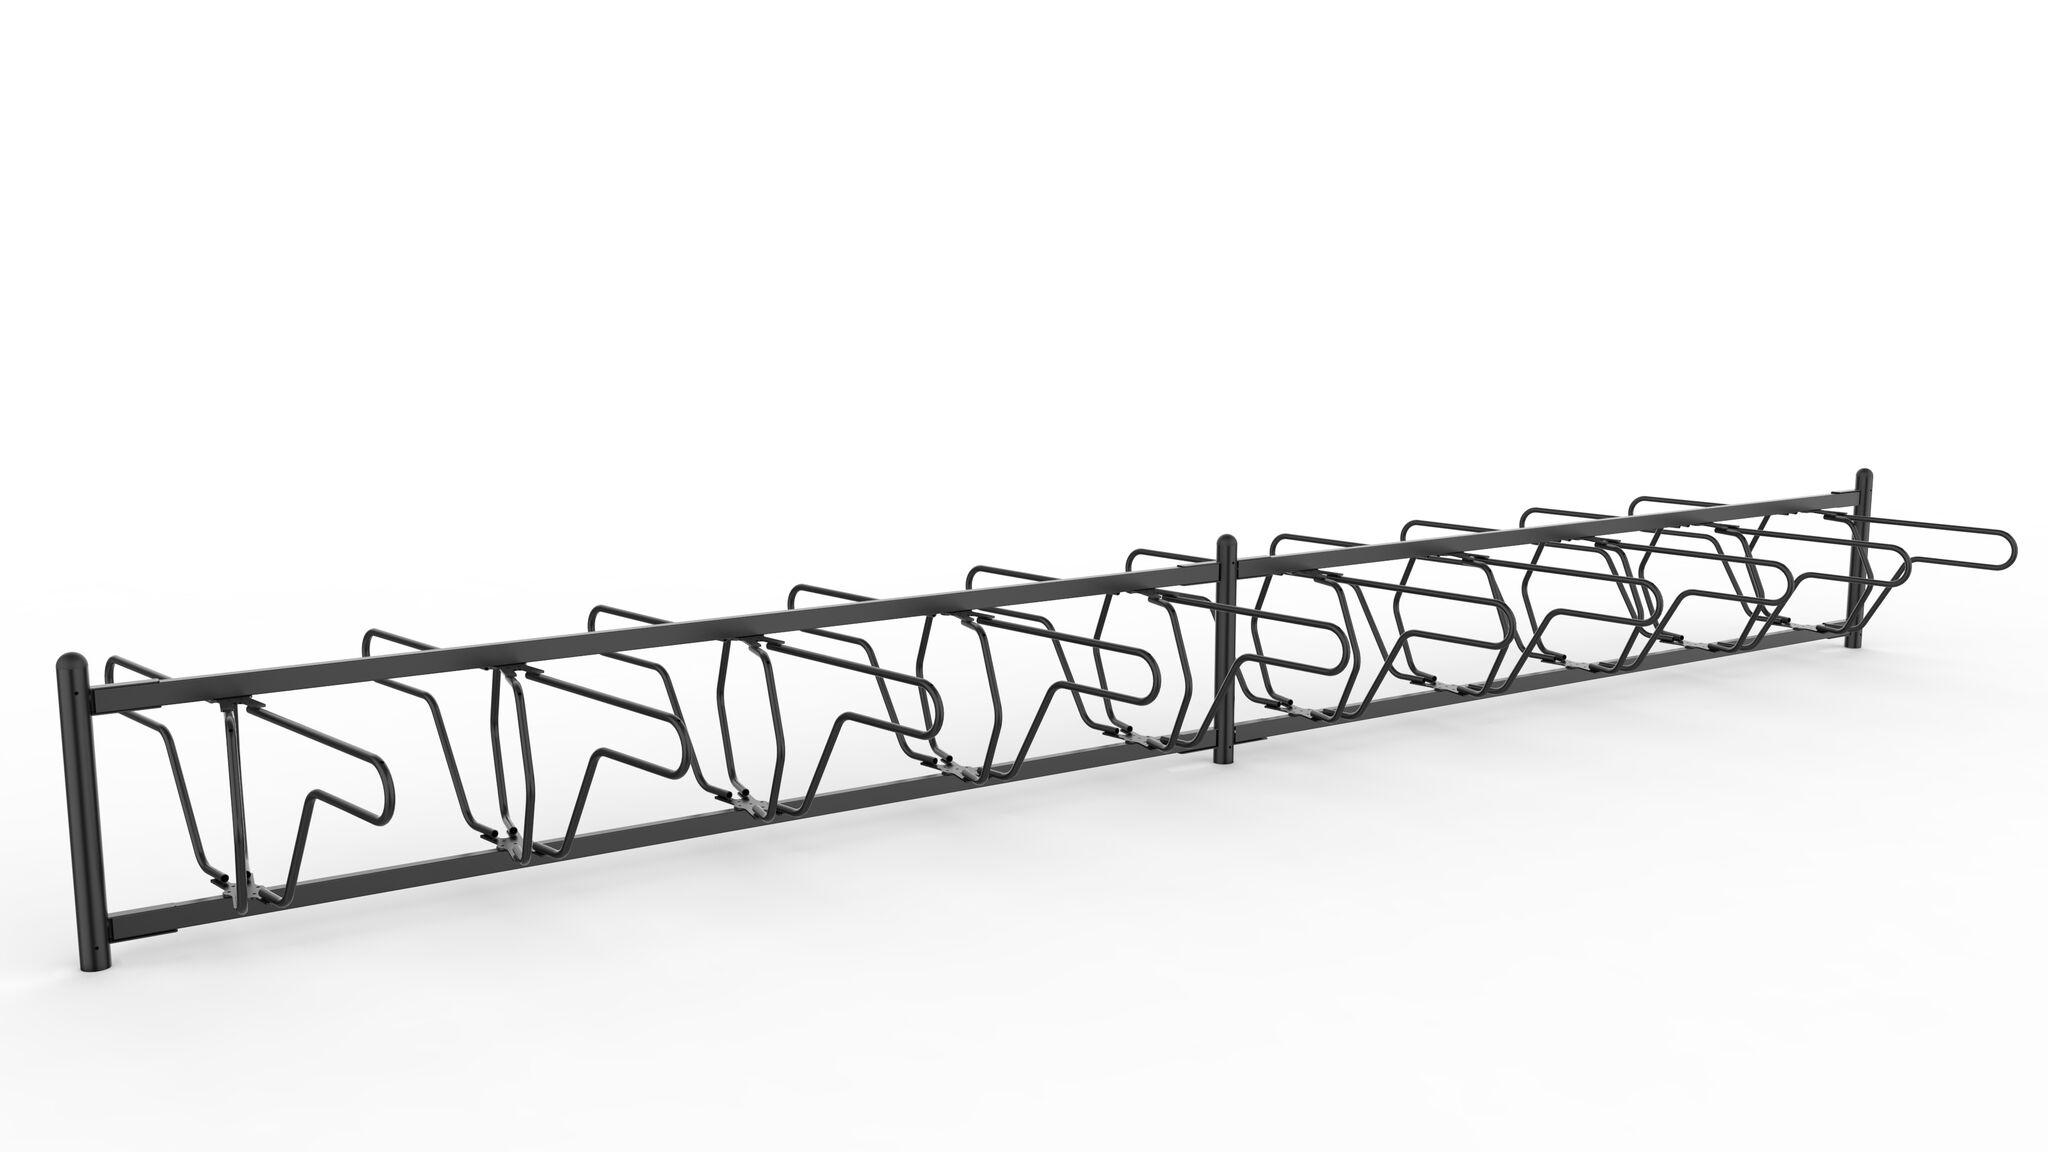 Delta runkolukitusteline kaksipuolinen, pyöräteline sivulta valkoisella pohjalla, malli on vastaavanlainen kuin kalusteohjeessa